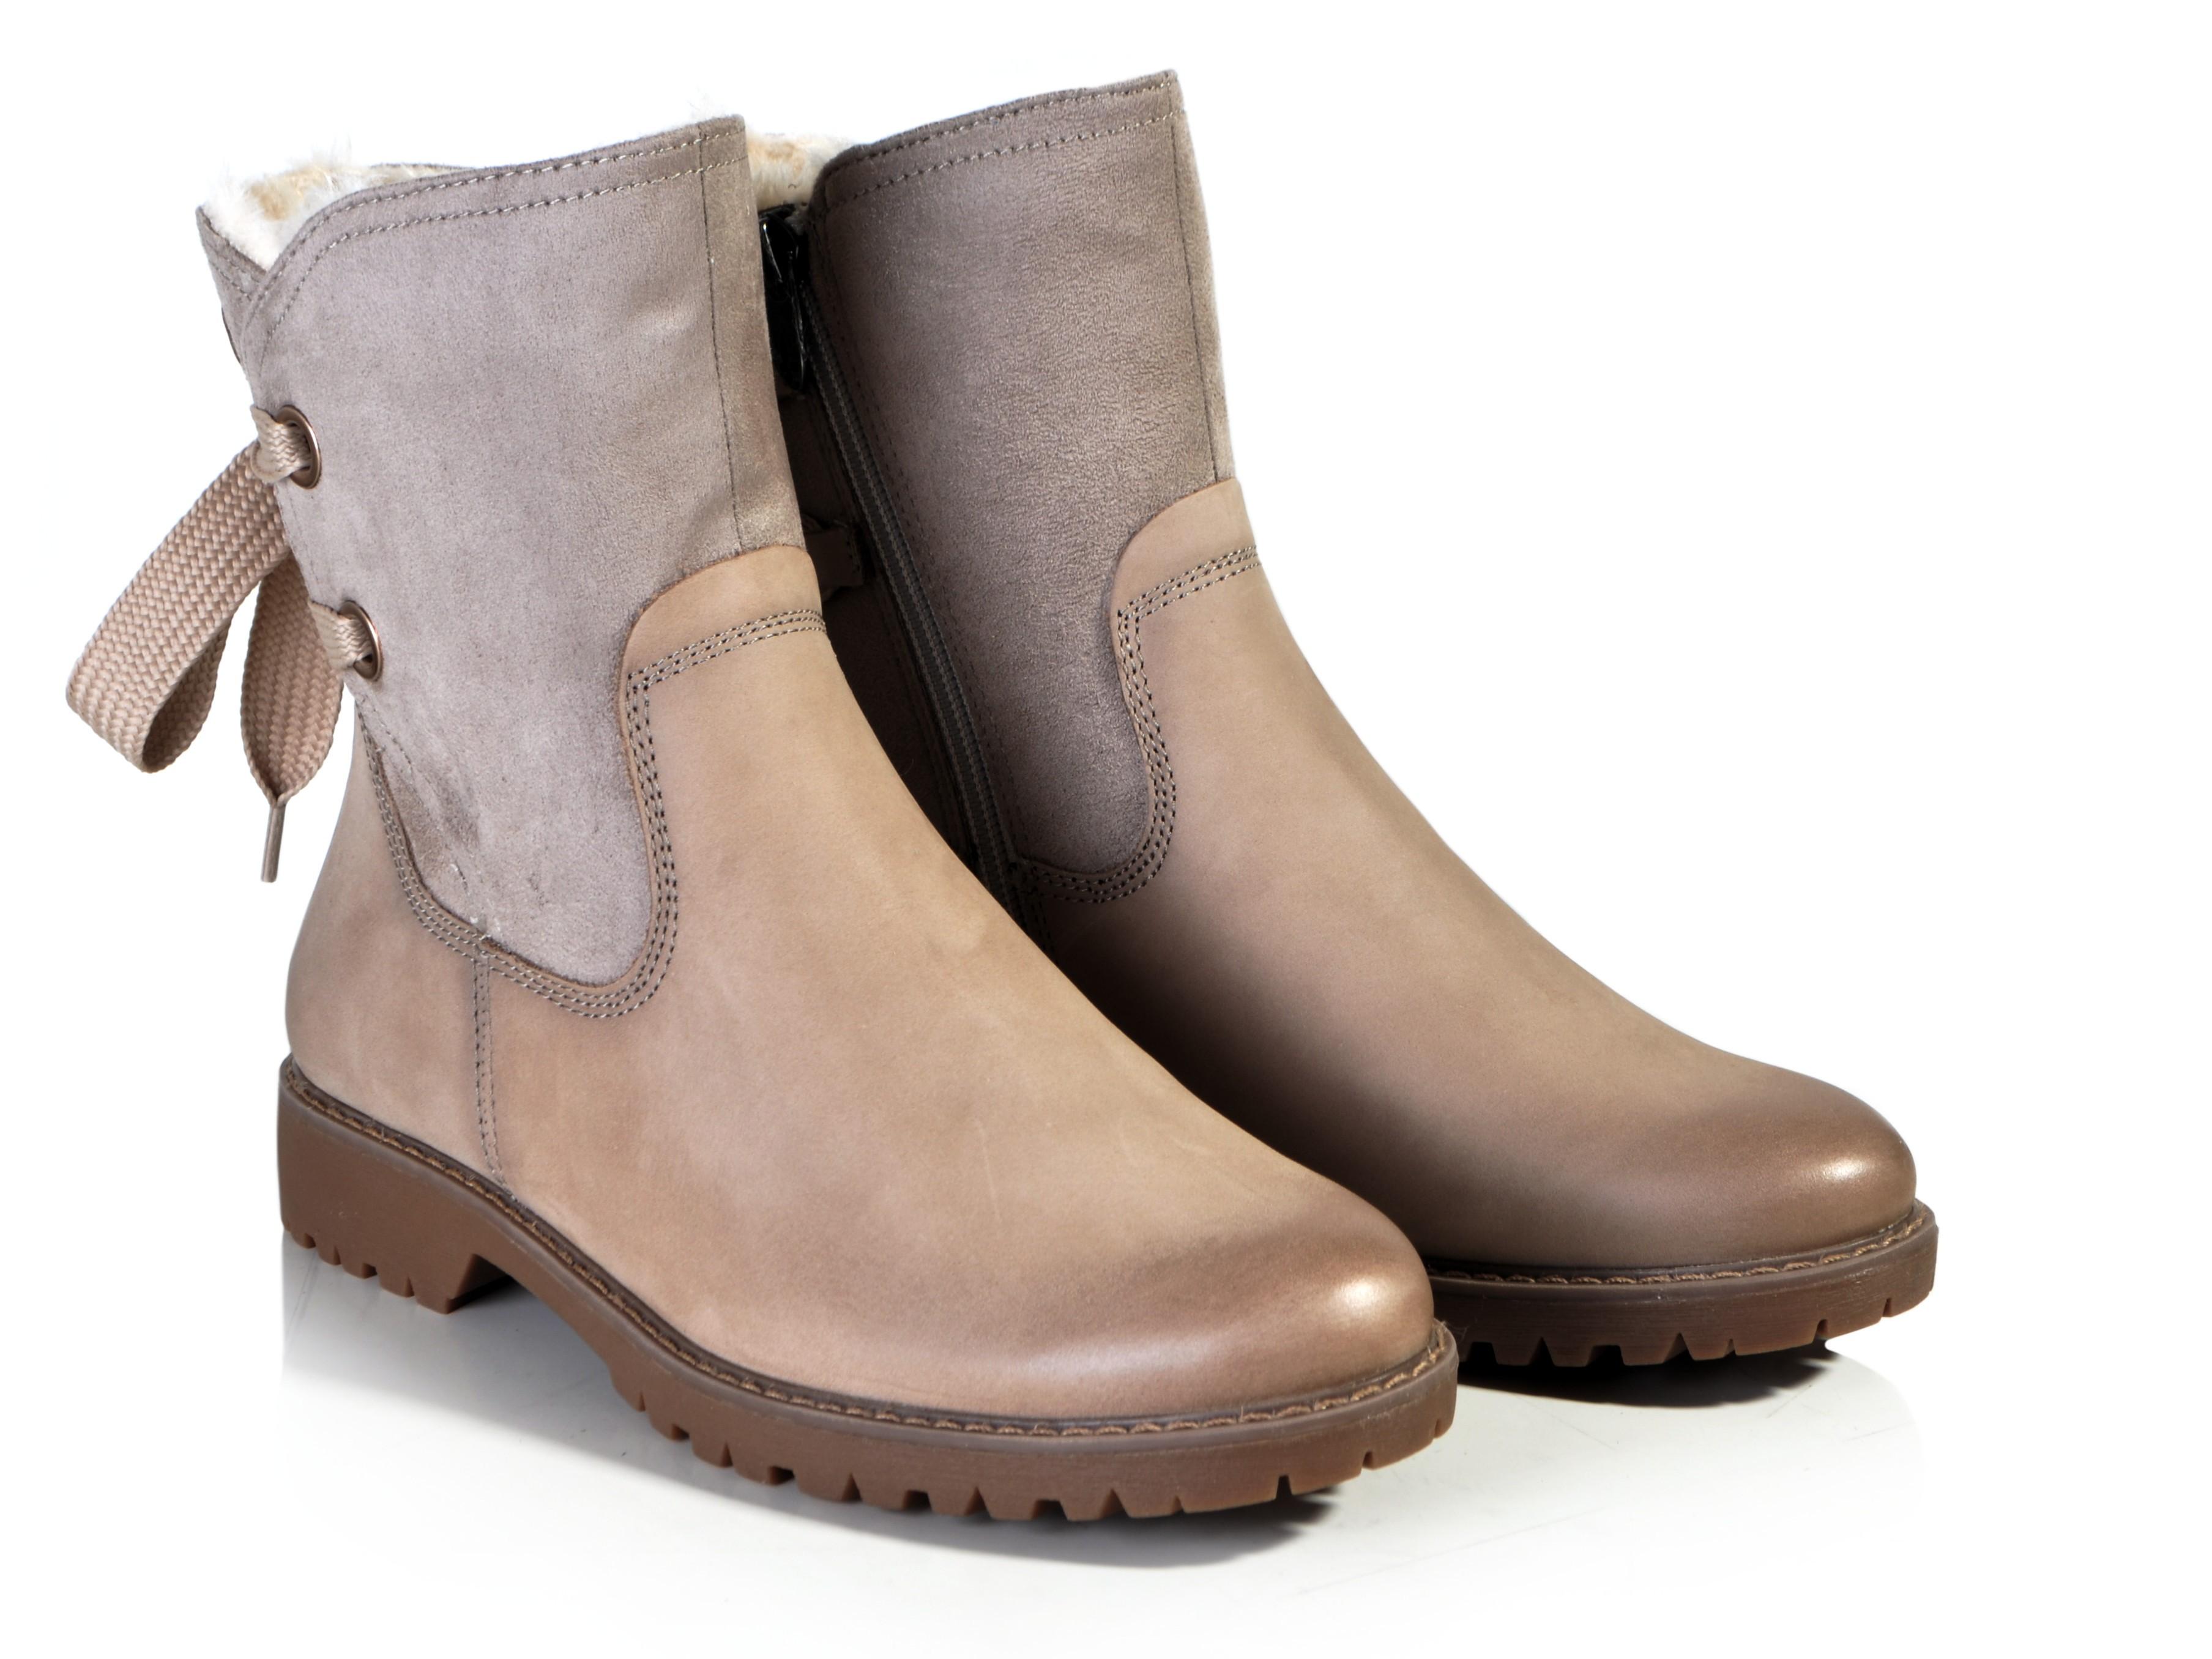 ba347334abc52 Tamaris 1-26445-21 béžová. Kód produktu: 1341233. Výrobce: Tamaris. Dámská  kotníková obuv…